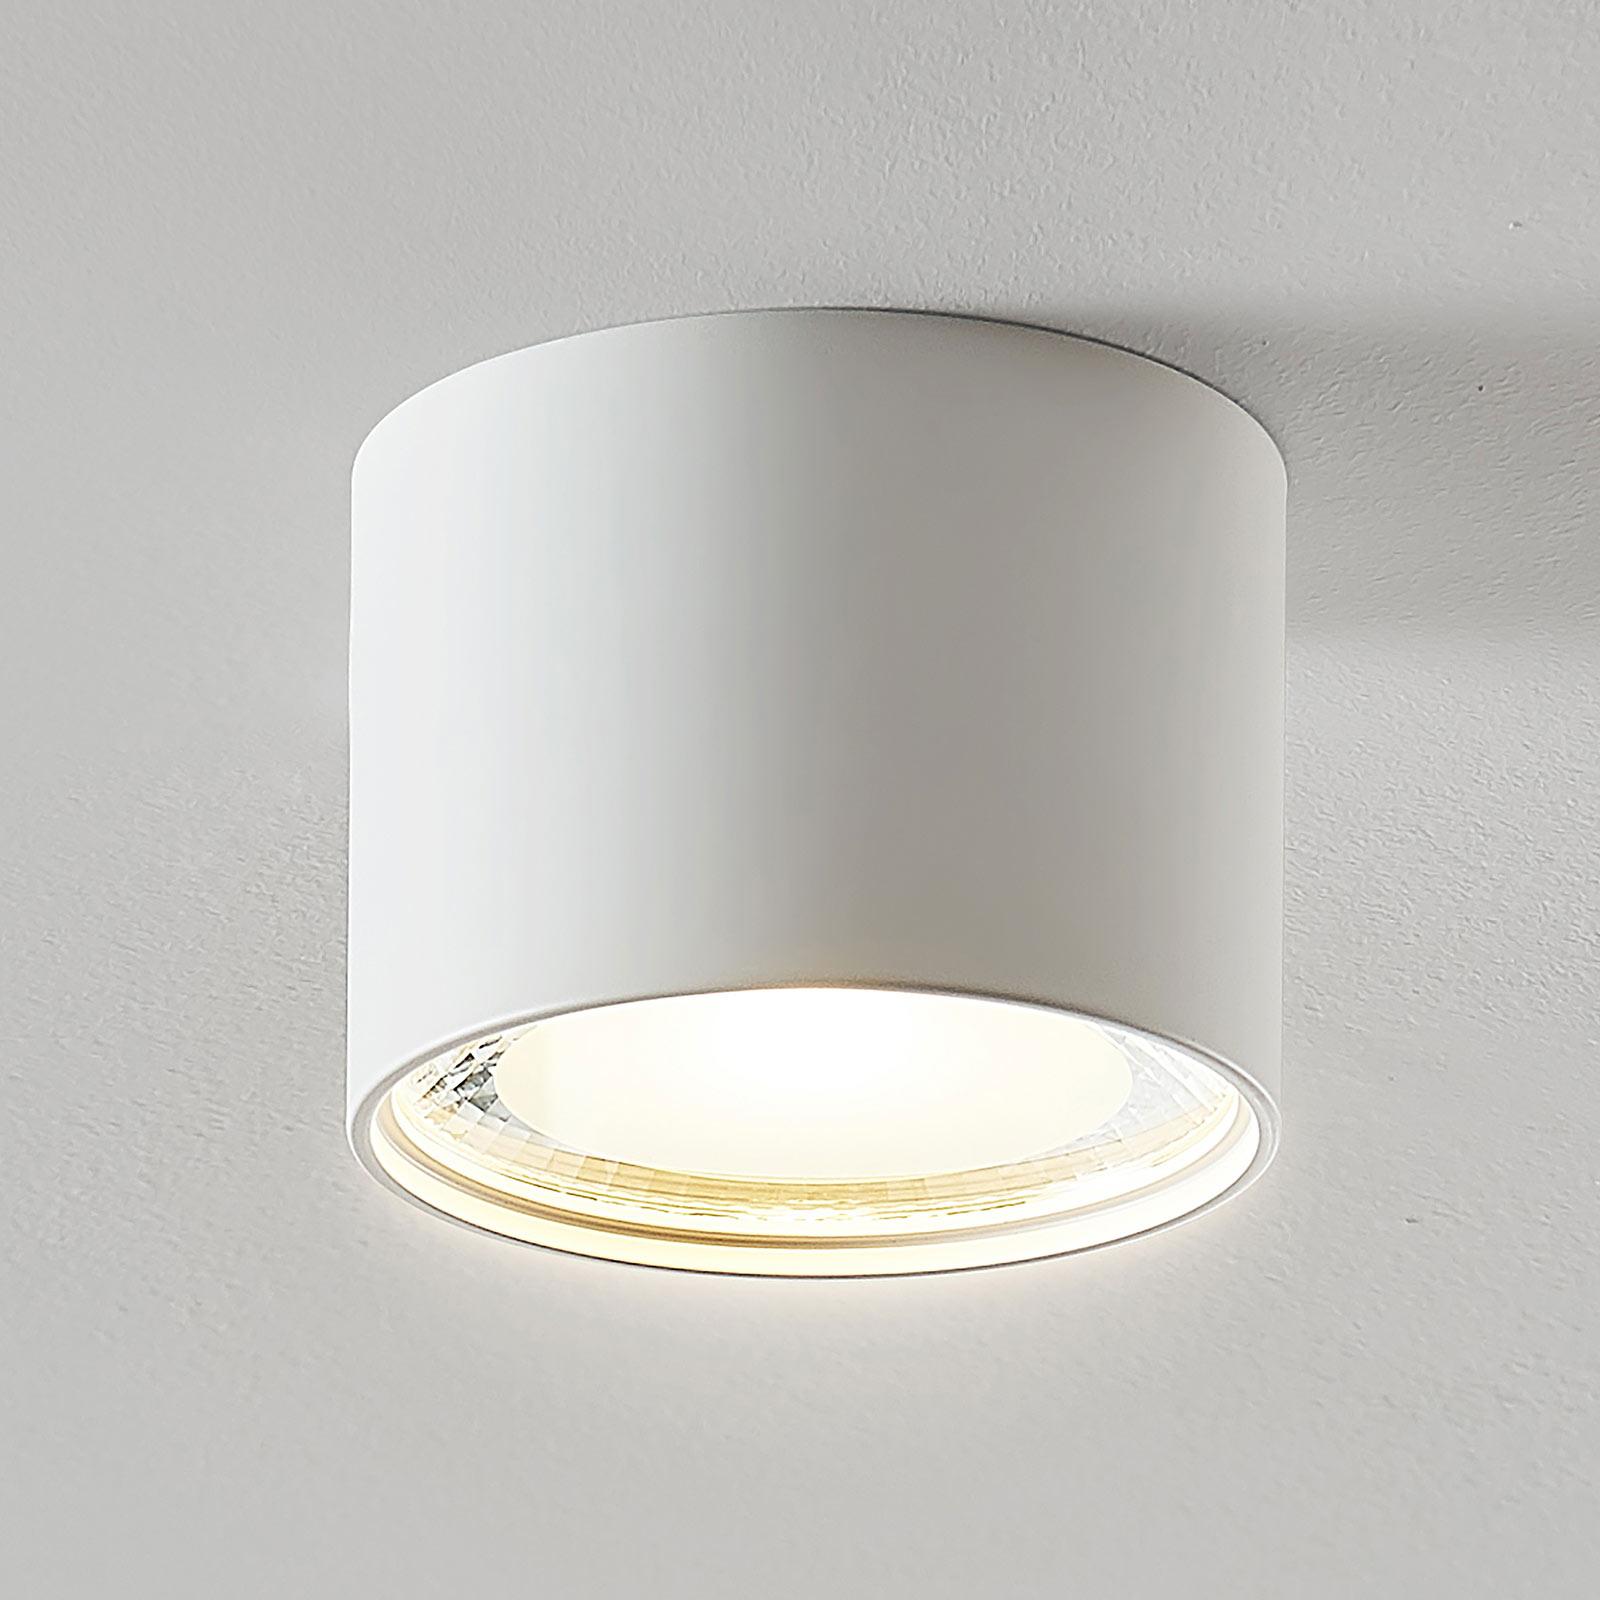 LED-Downlight Meera, rund, weiß